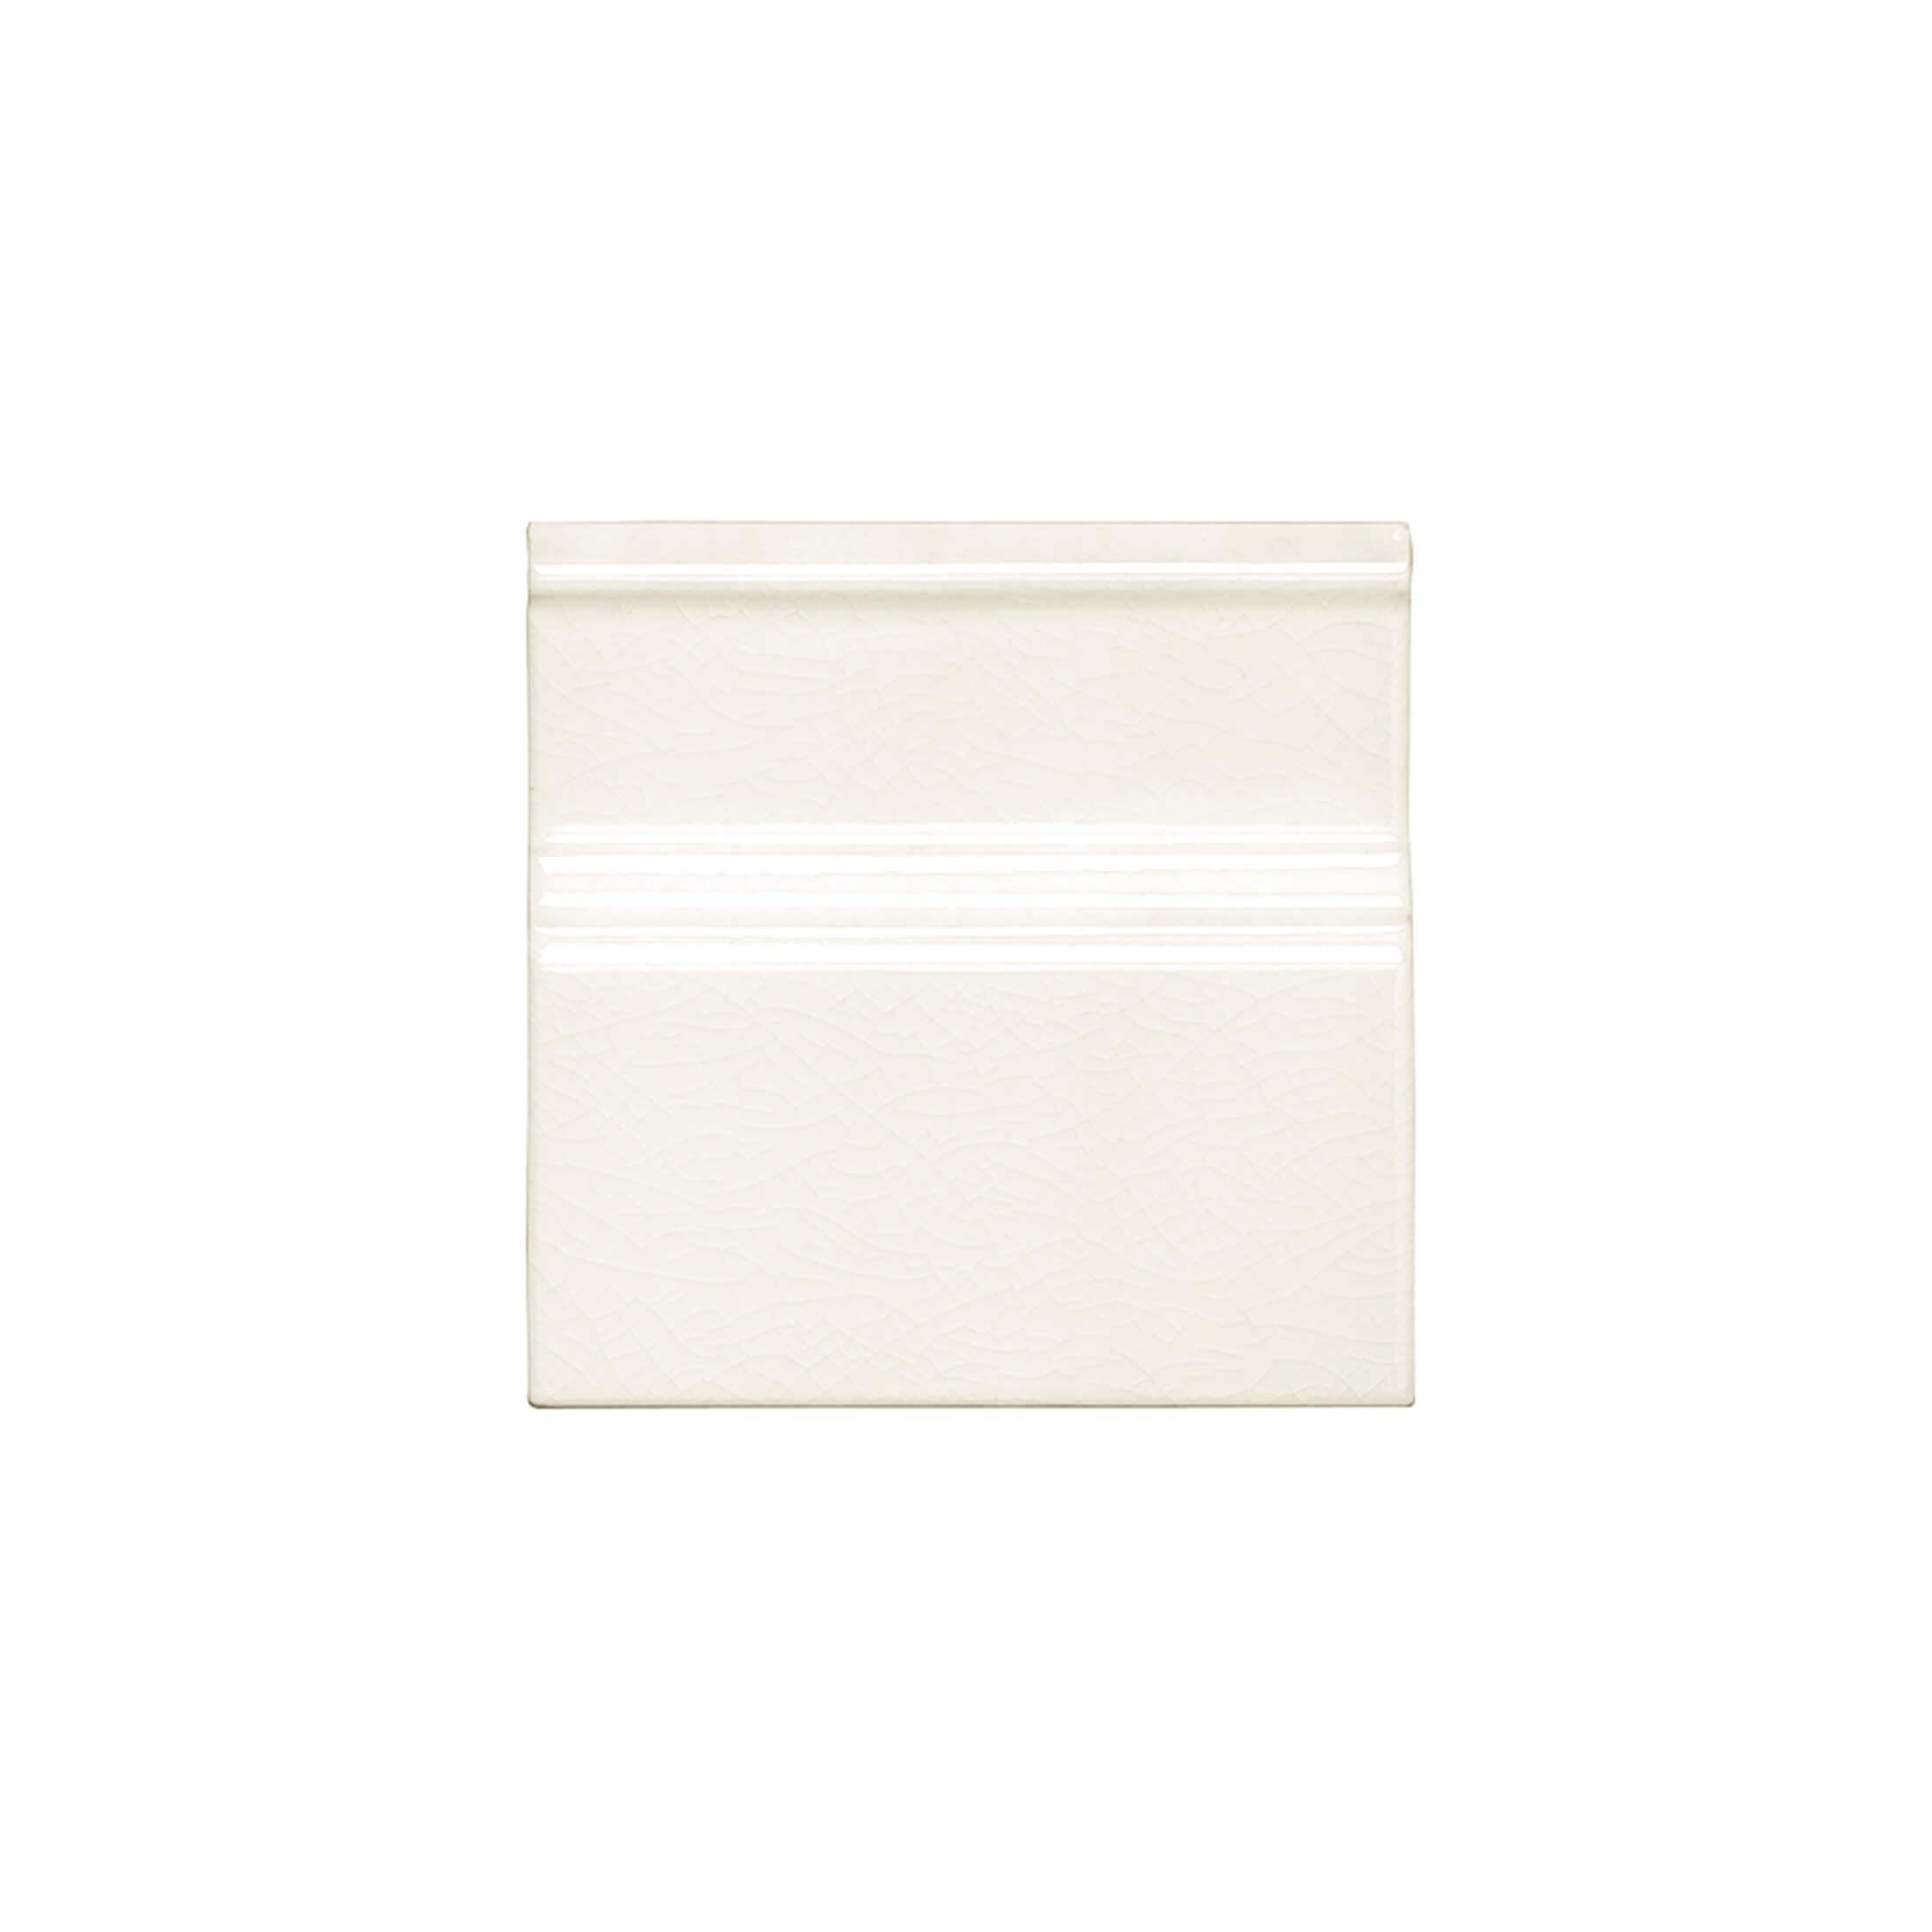 ADMO5203 - RODAPIE CLASICO C/C - 15 cm X 15 cm